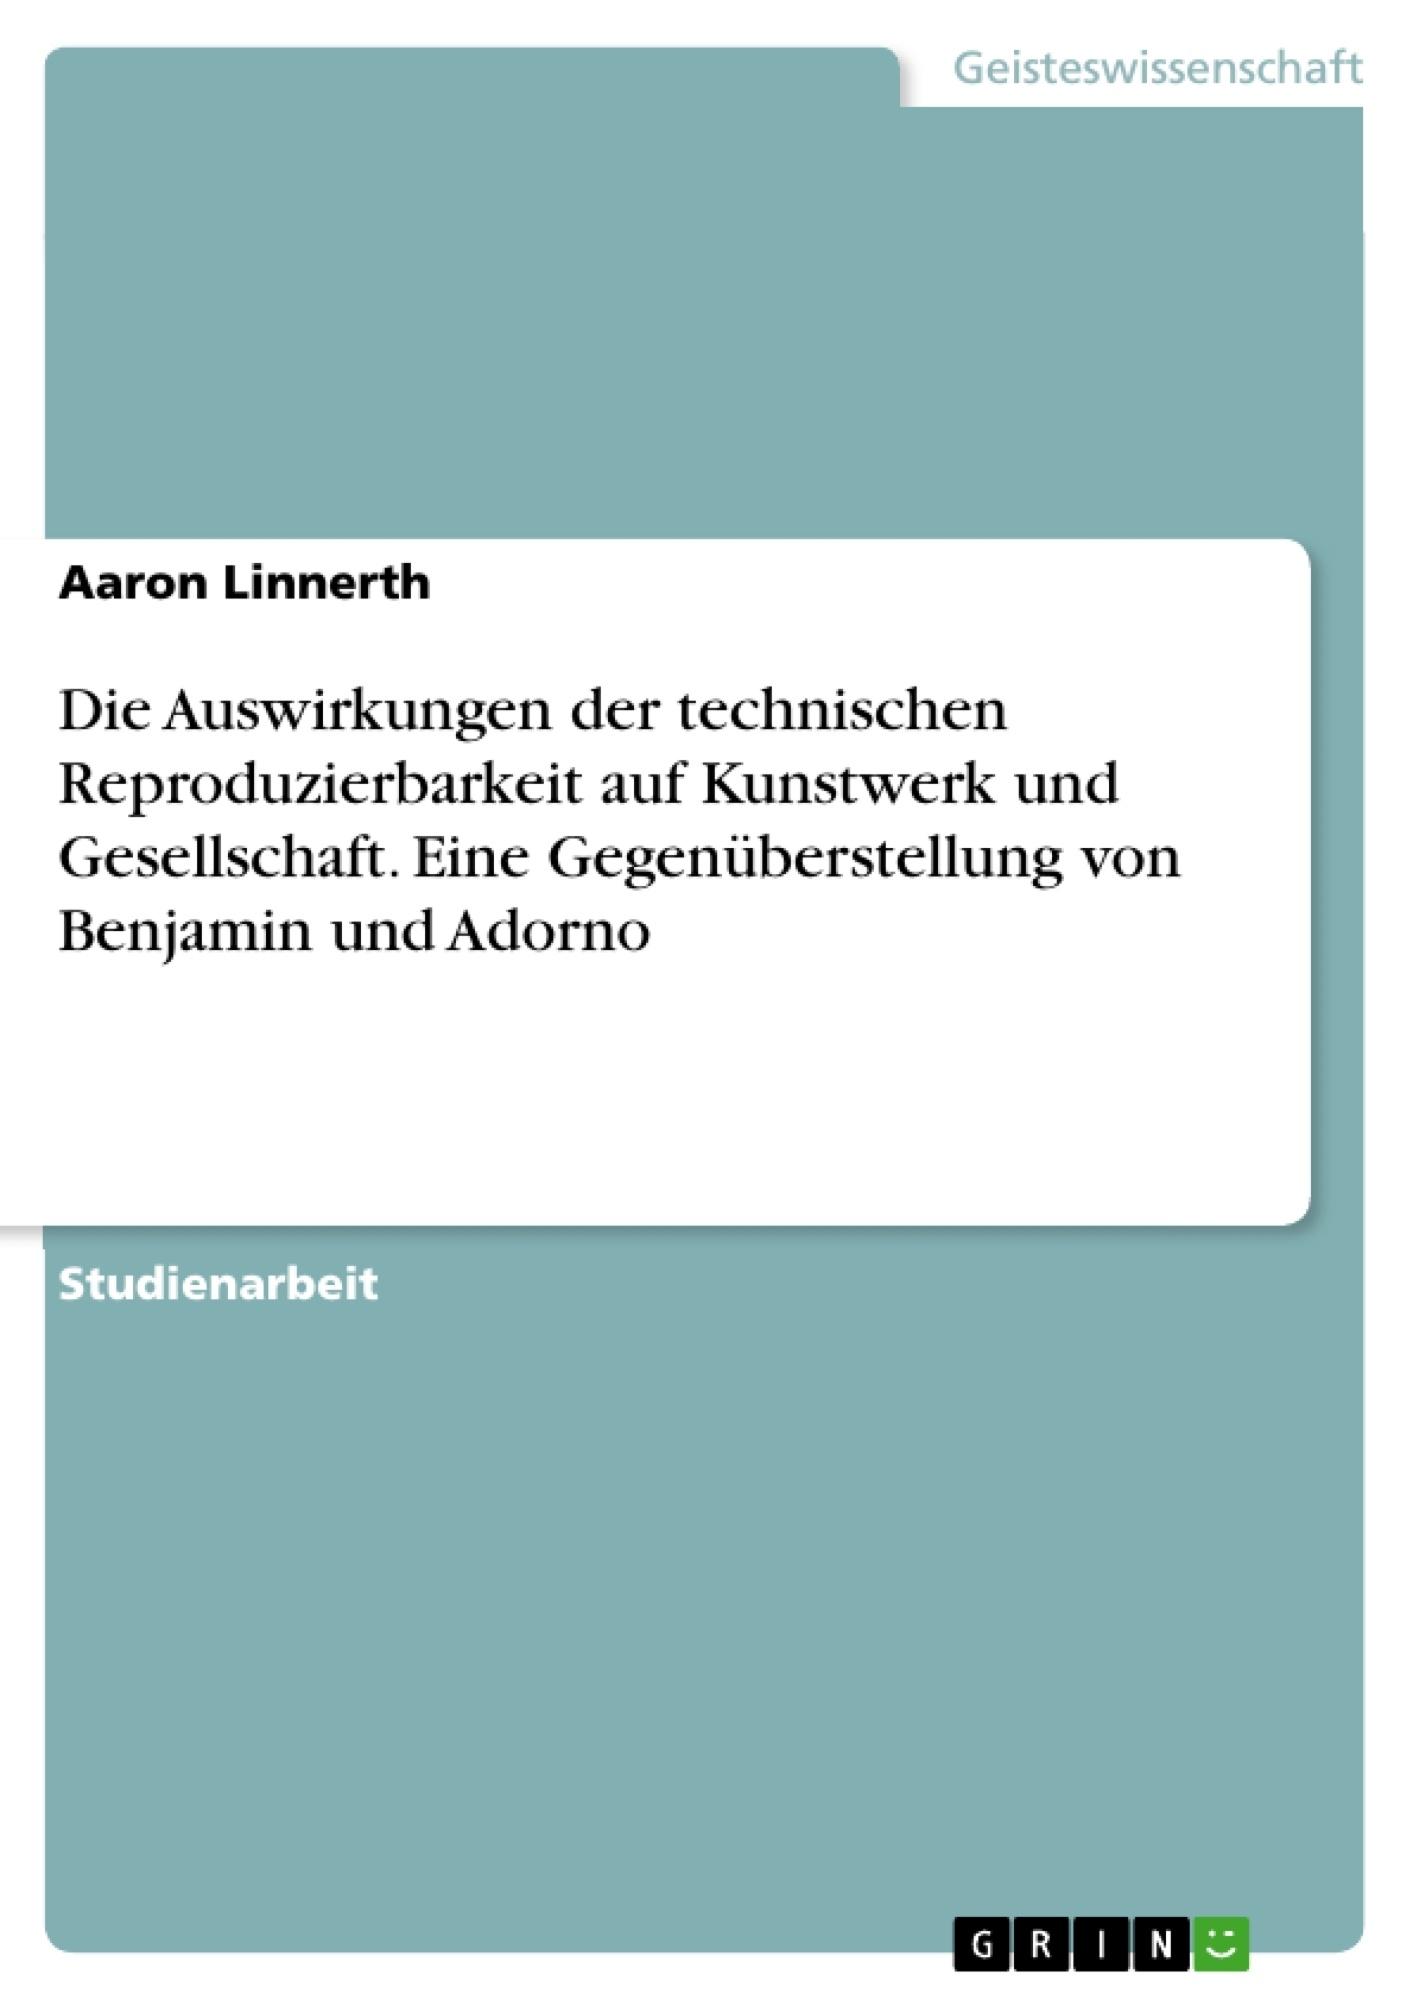 Titel: Die Auswirkungen der technischen Reproduzierbarkeit auf Kunstwerk und Gesellschaft. Eine Gegenüberstellung von Benjamin und Adorno